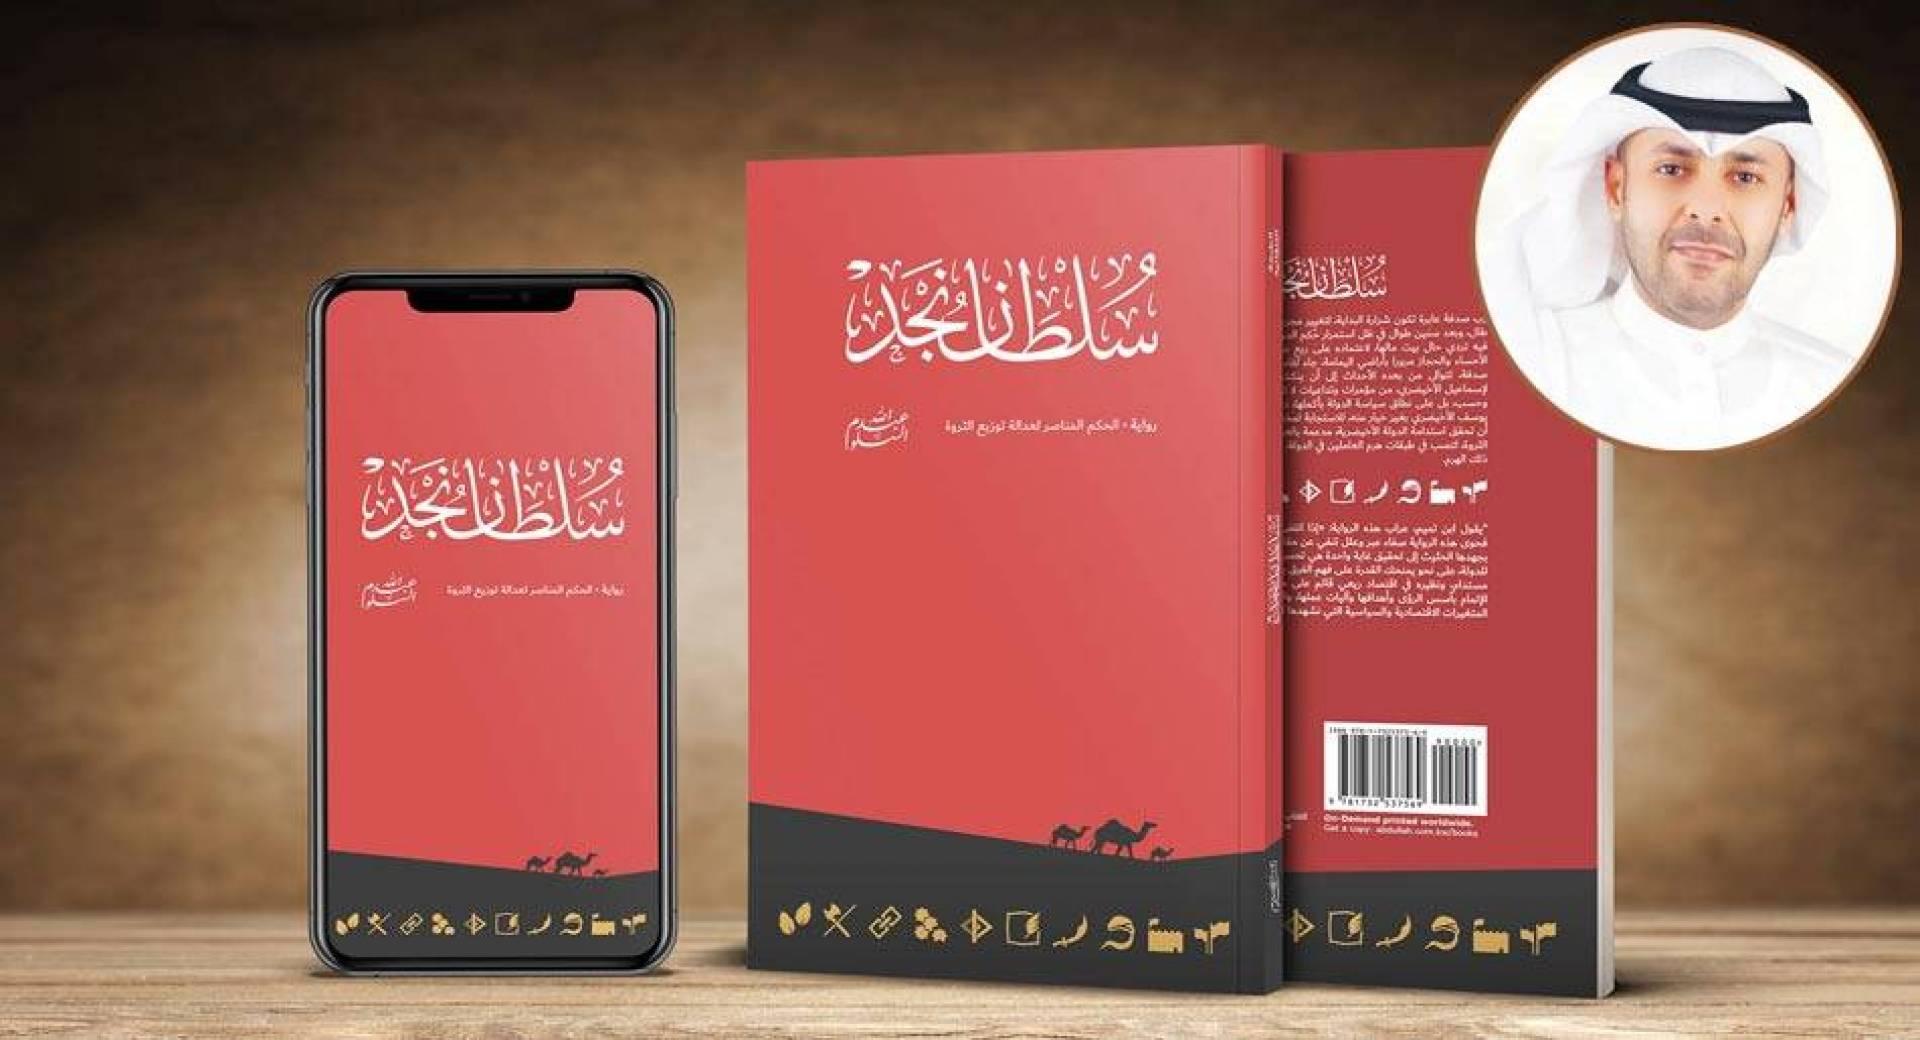 غلاف الكتاب وفي الإطار عبدالله السلوم